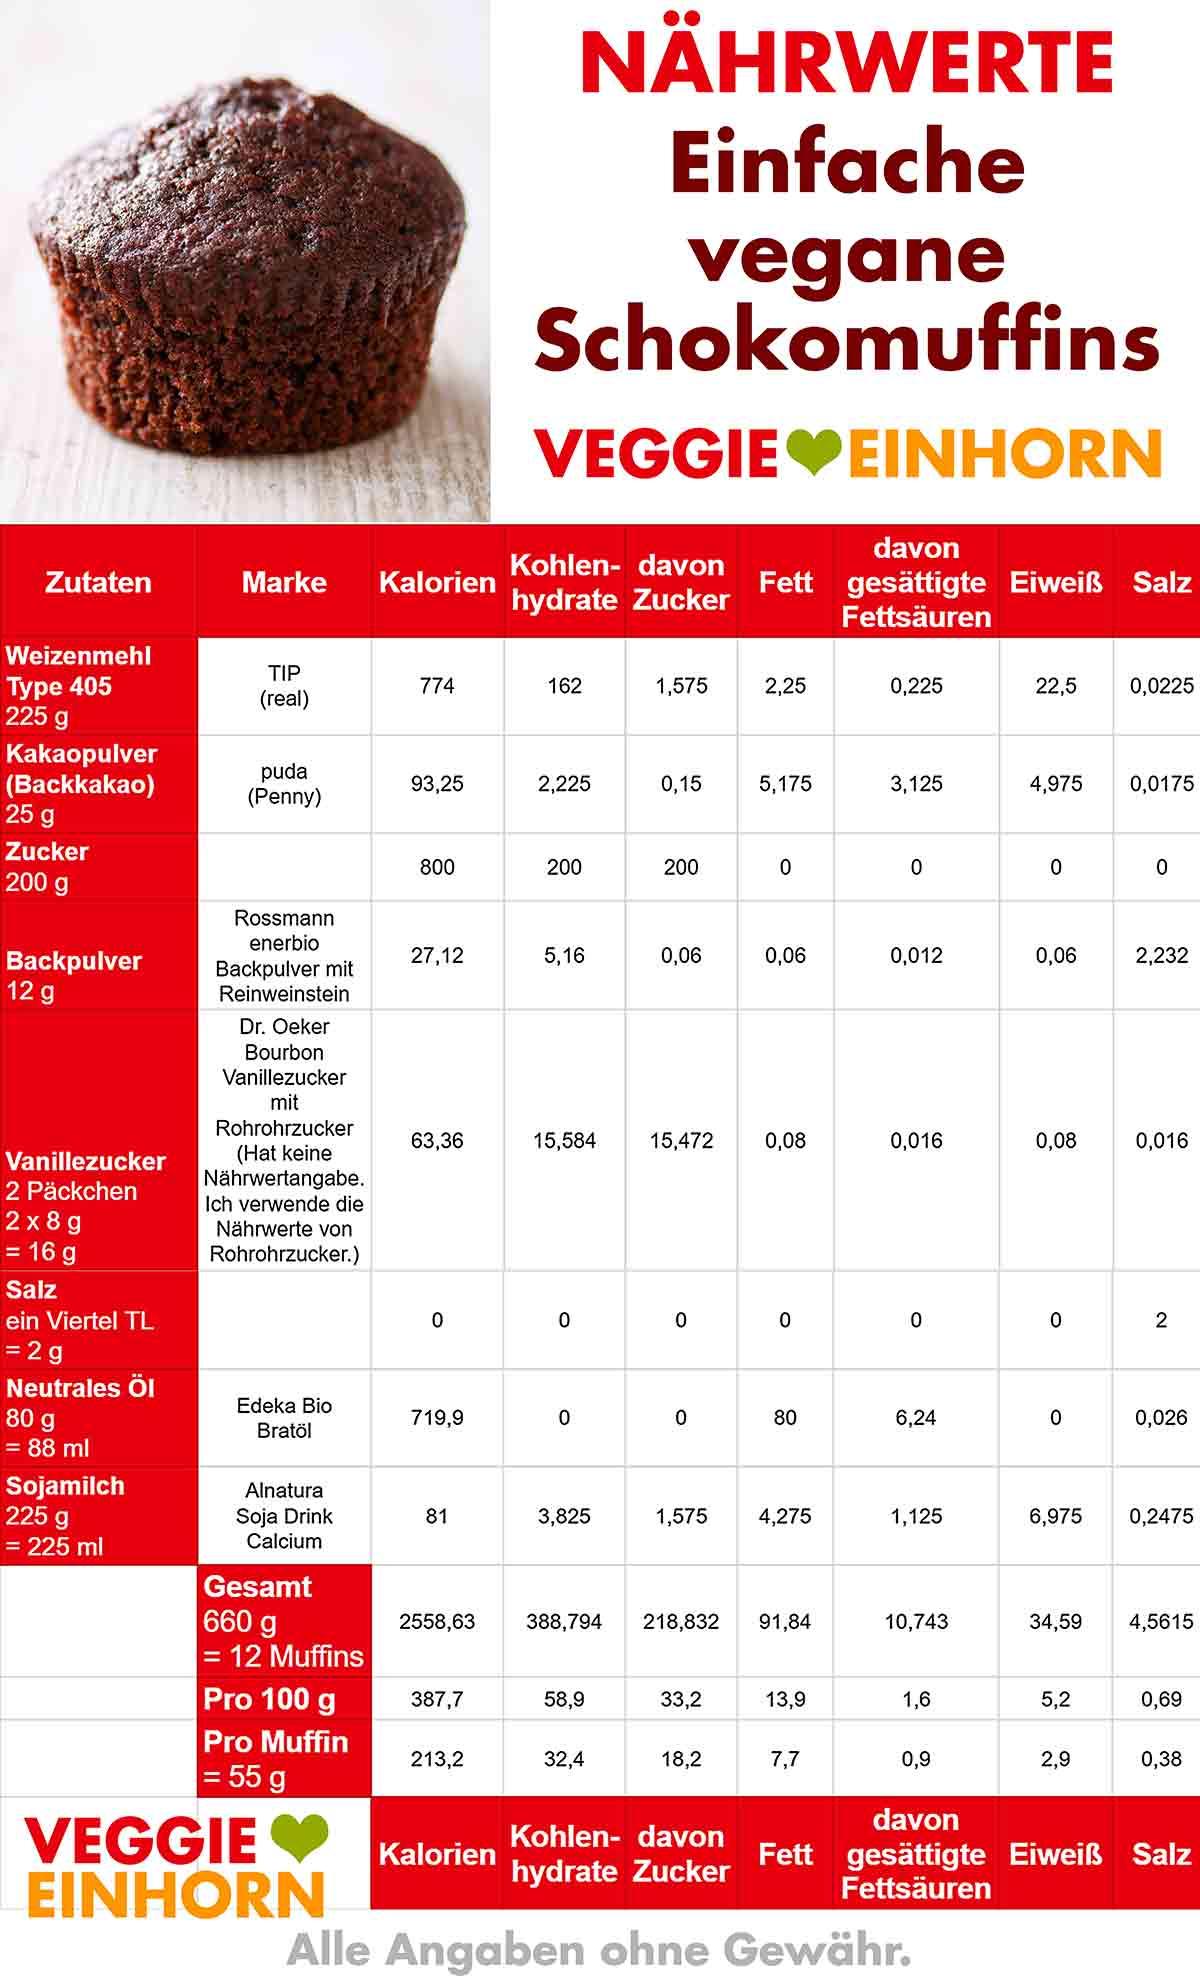 Tabelle mit Nährwerten von den einfachen veganen Schokomuffins